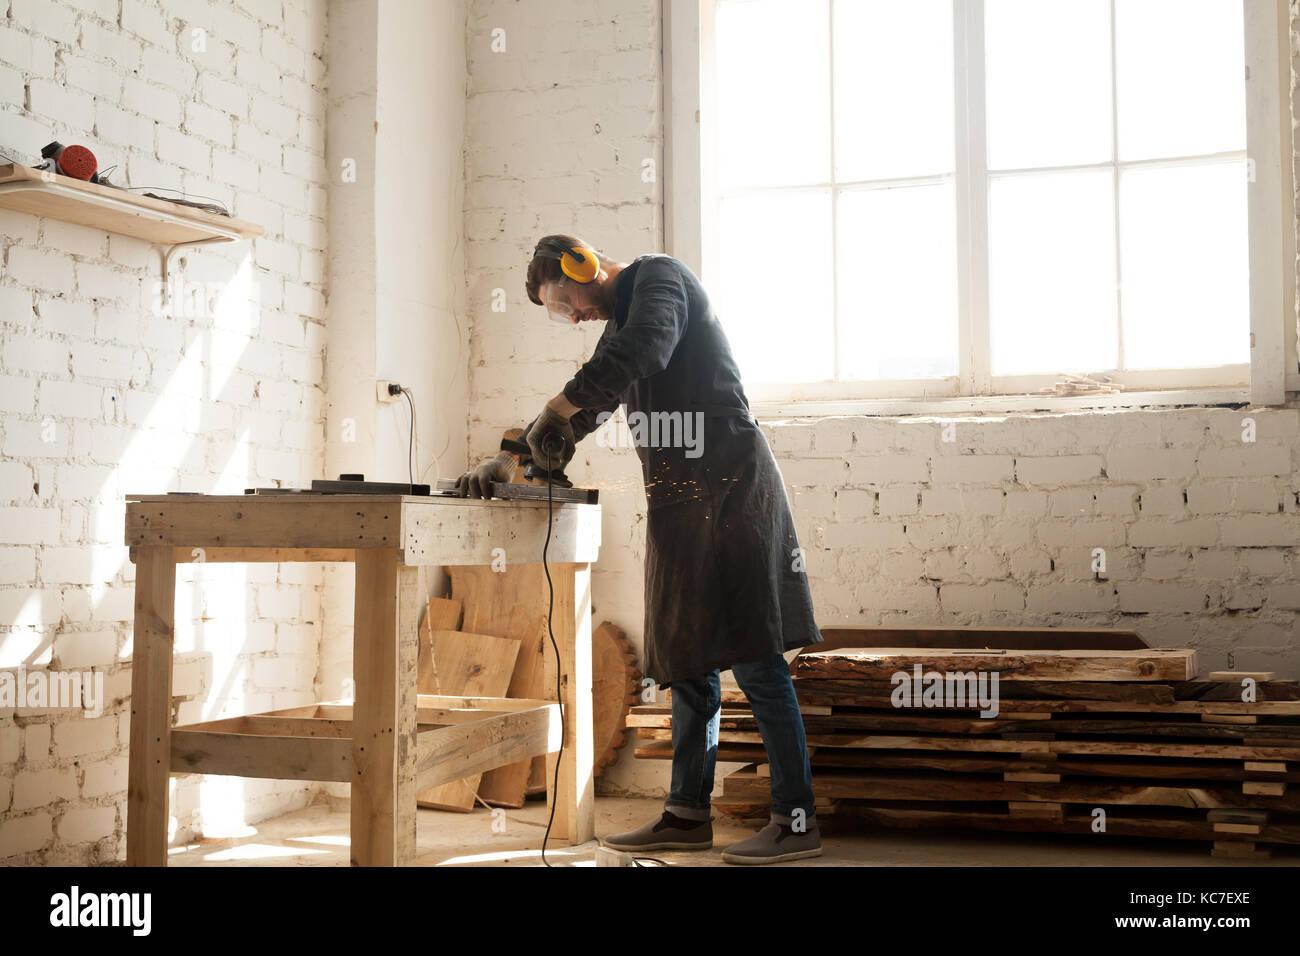 Artigiano di opportunità di business nel laboratorio di falegnameria Immagini Stock